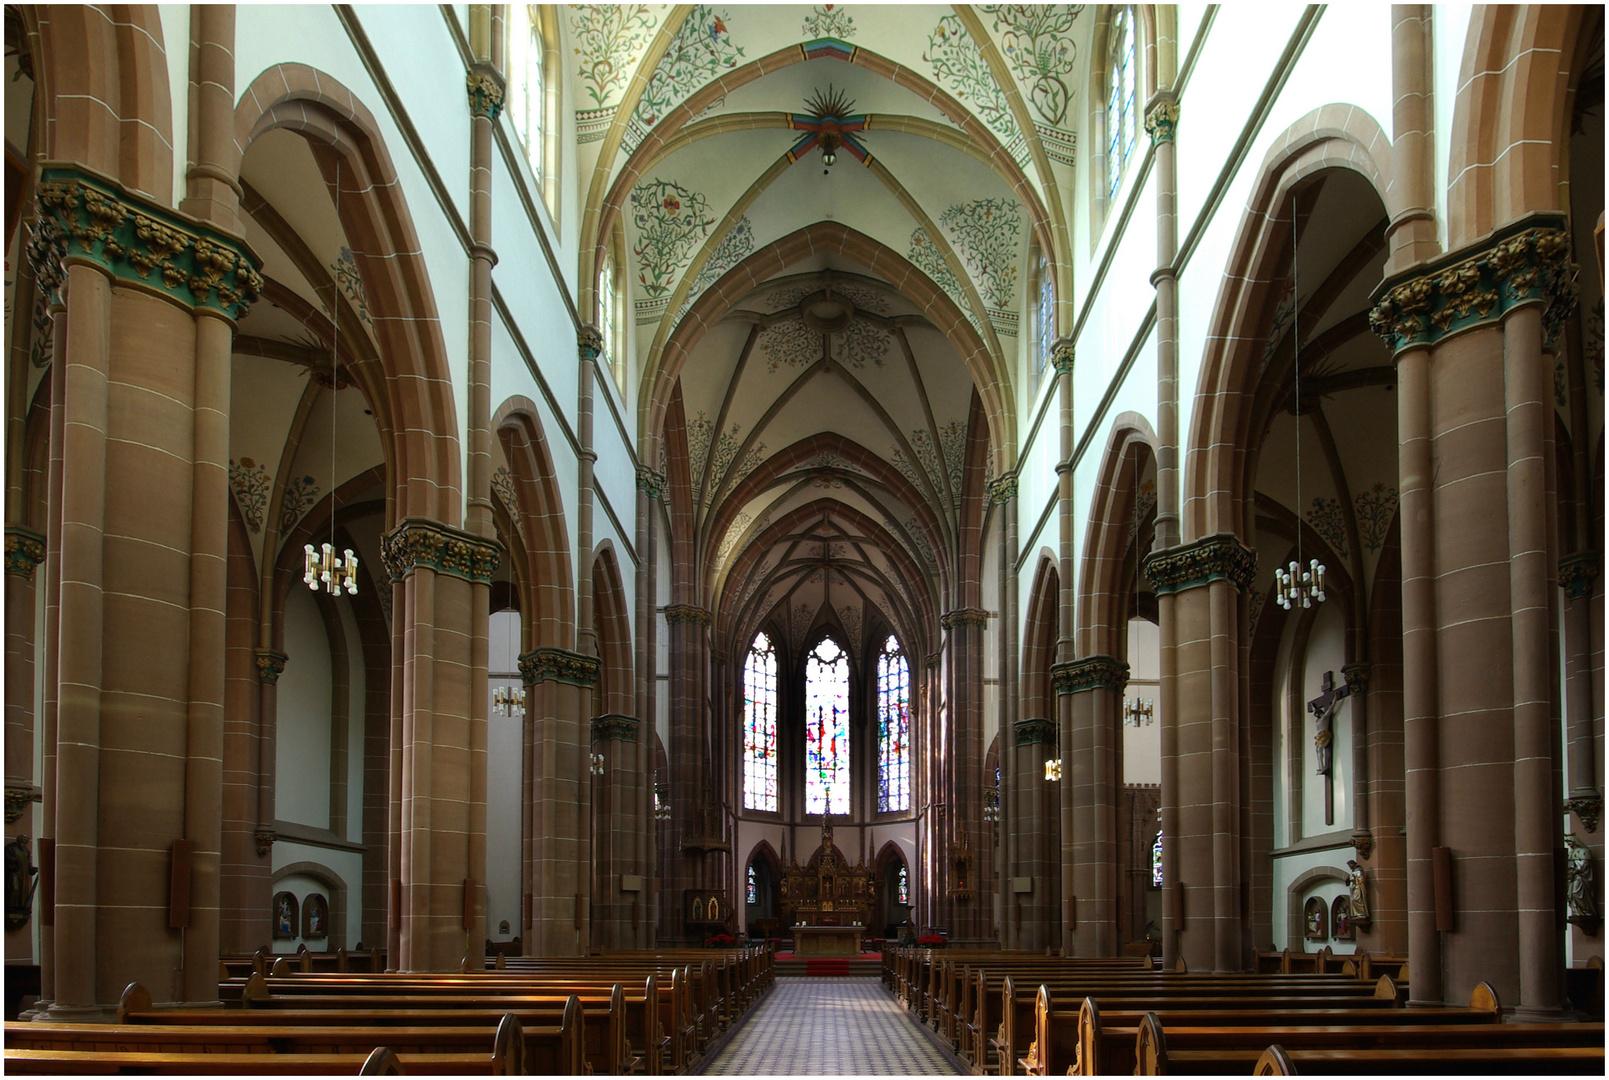 St. Josefskirche Koblenz